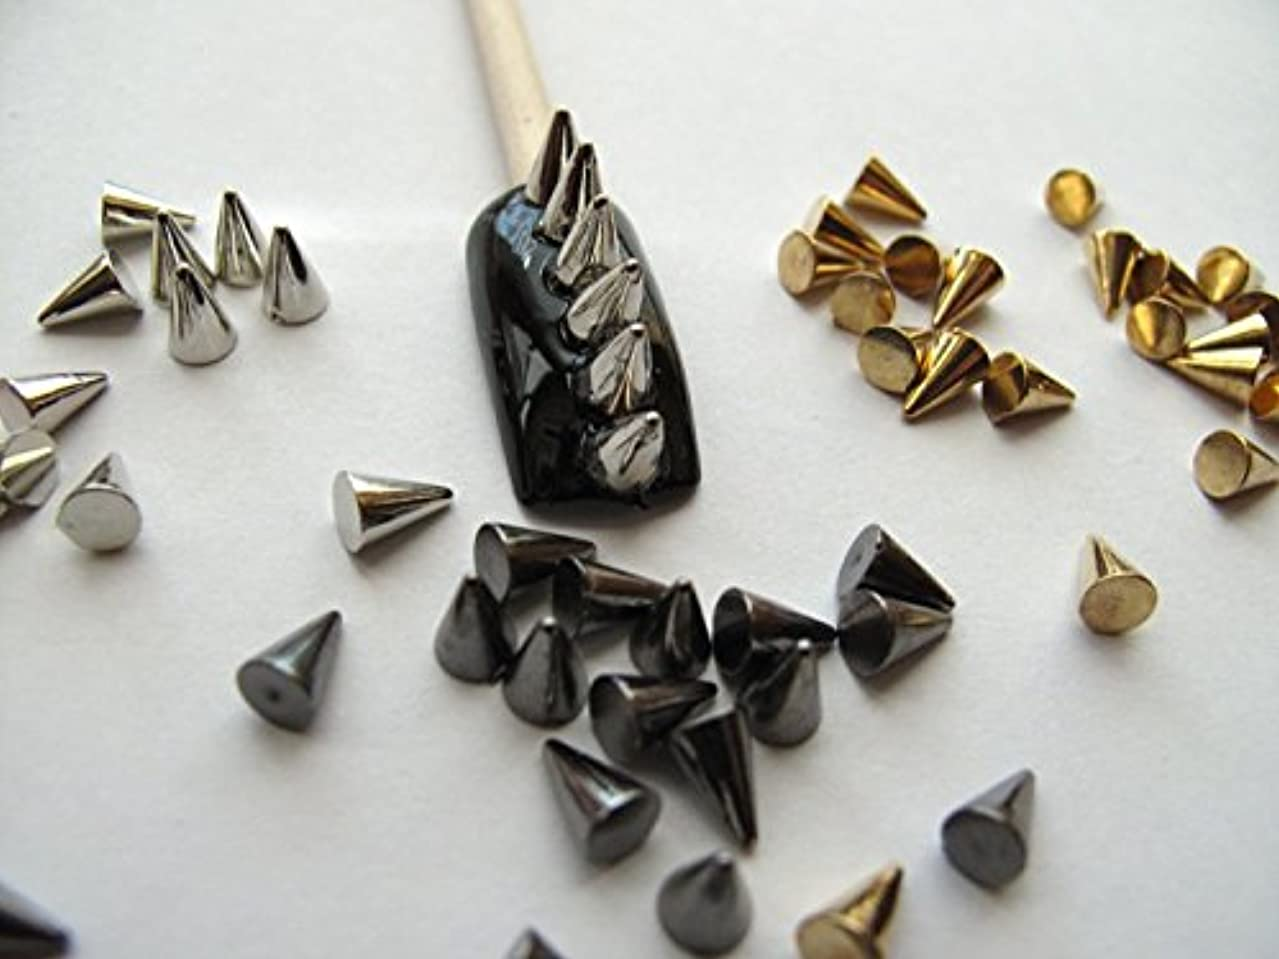 トースト裁判所運命150ミックスブラック、シルバーとゴールデンコーンの素晴らしい価格セット/スパイク / メタルスタッド3Dネイルアートデコレーション